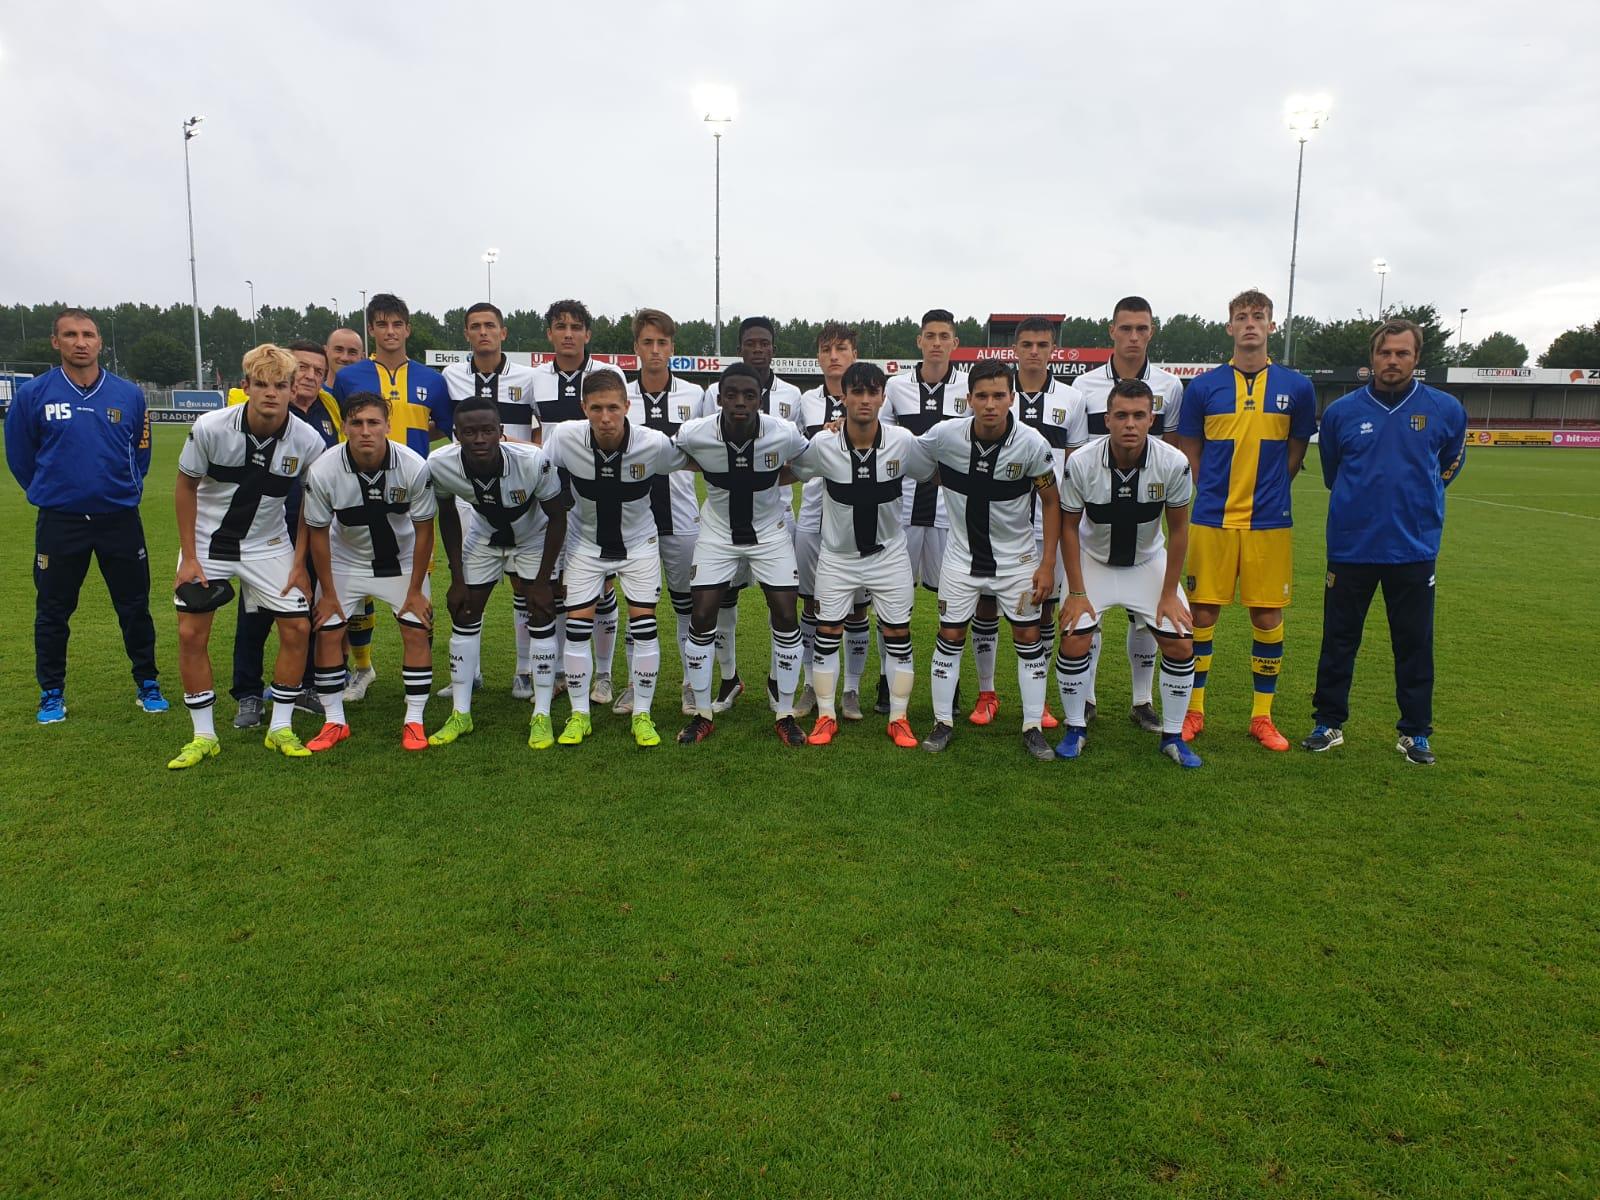 Parma Primavera Almere Challenge Event